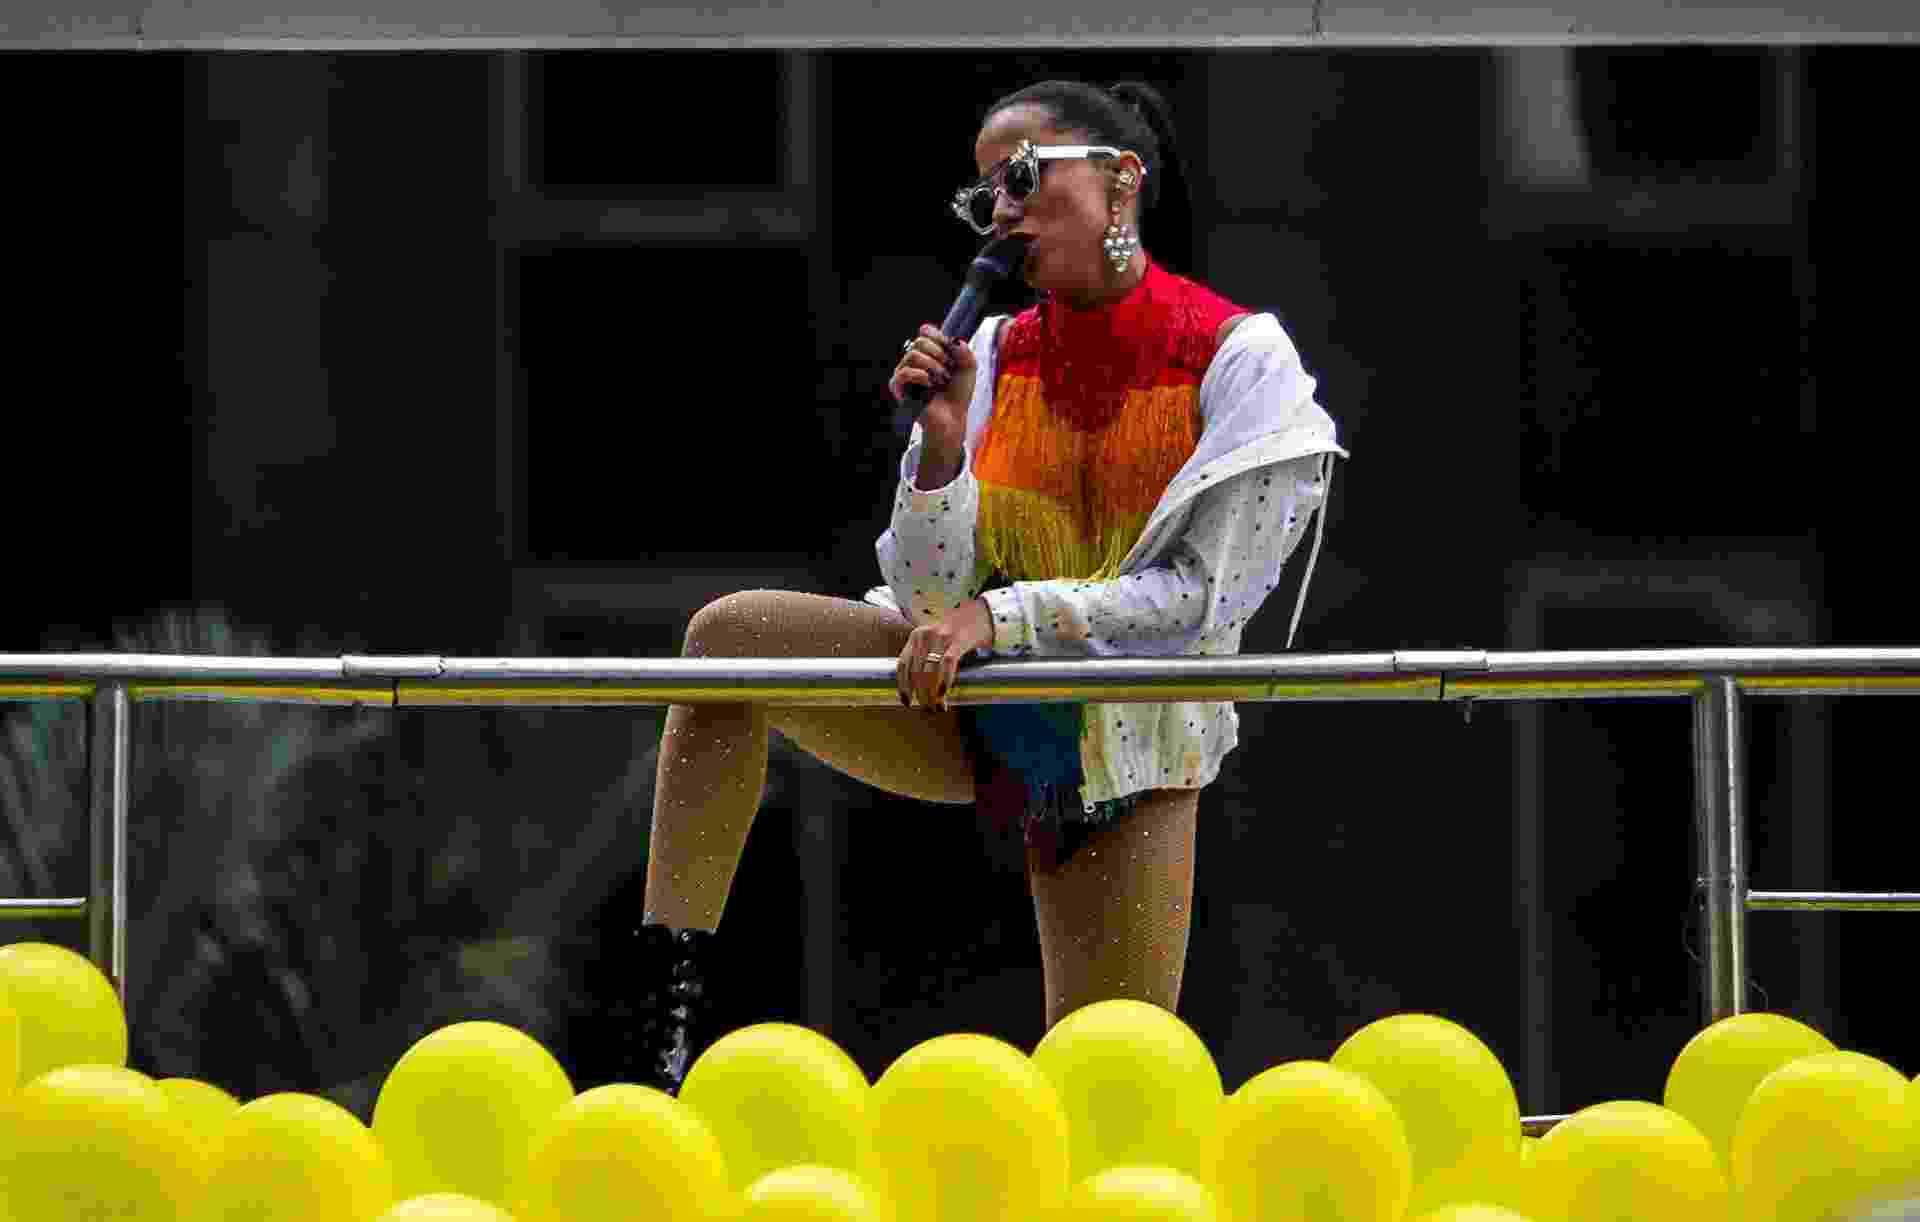 3.jun.2018 - A cantora Anitta participa da 22ª Parada do Orgulho LGBT que acontece neste domingo (3) em São Paulo. Junto com a Pabblo Vittar, Anitta era uma das atrações mais esperadas do evento - undefined